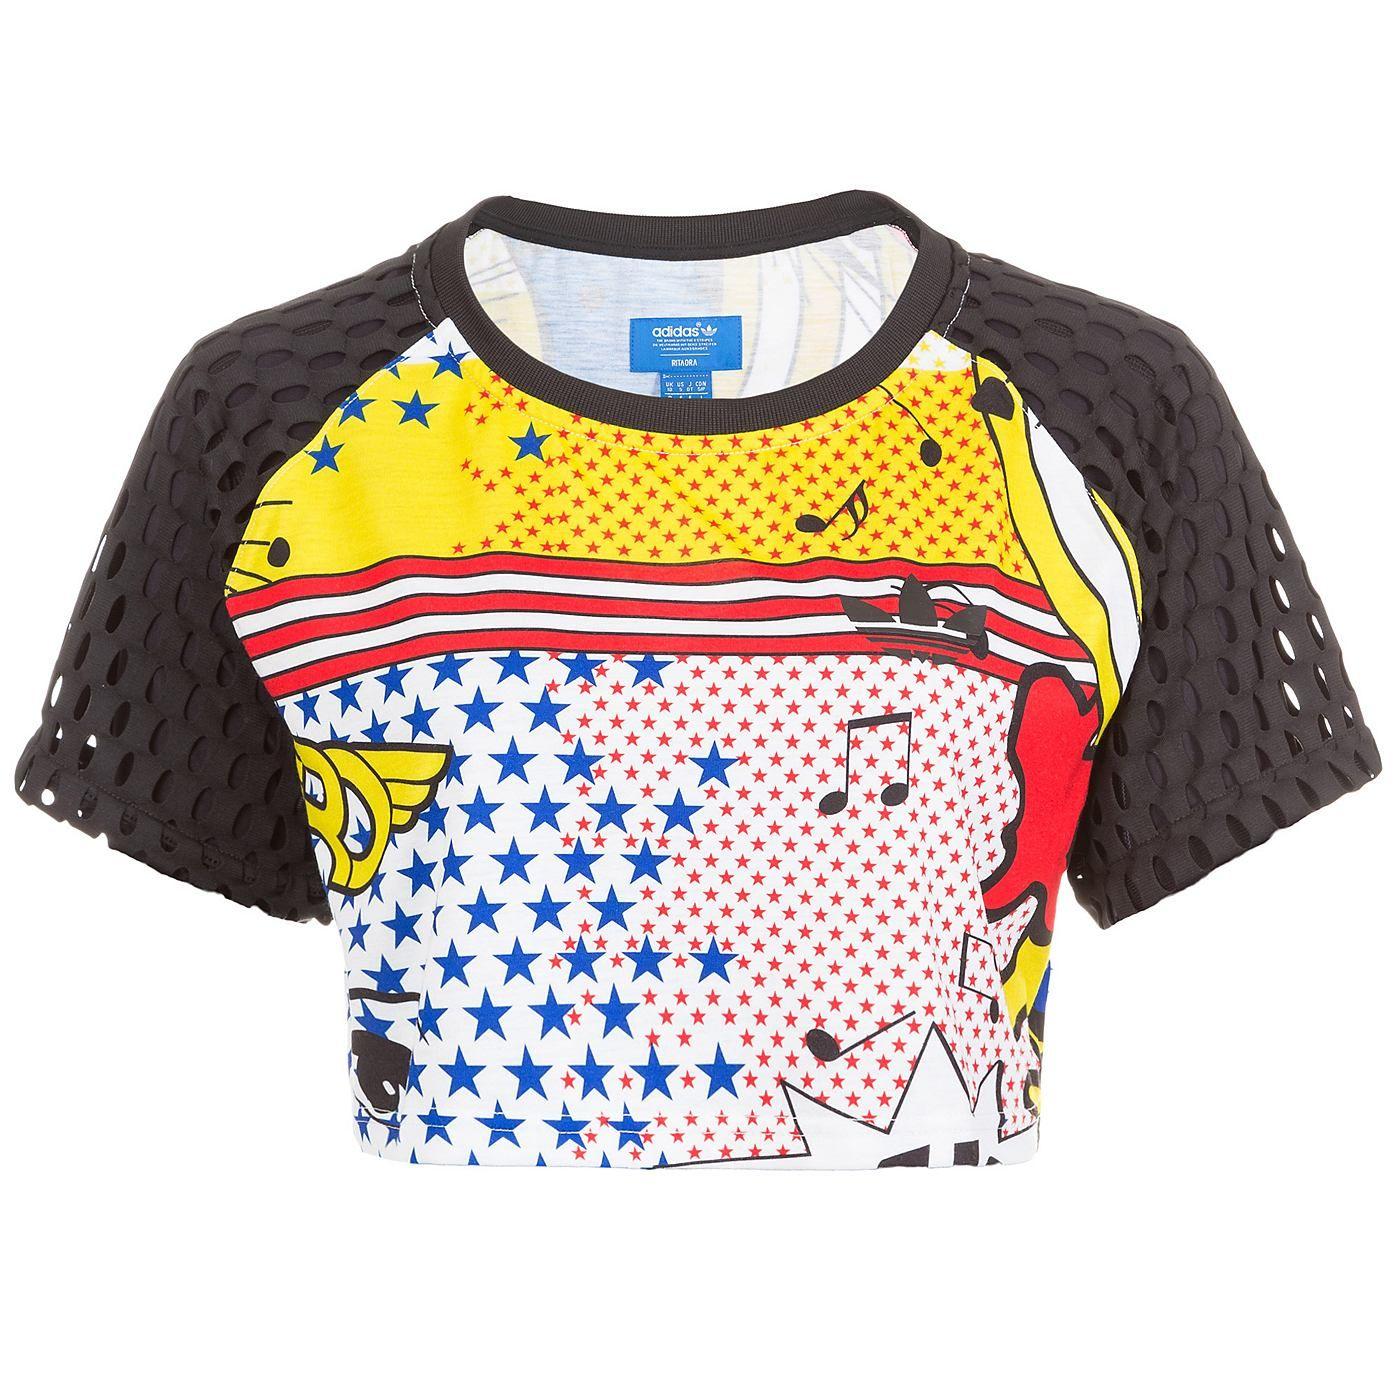 097651ff1e6865 Rita Ora Super Crop T-Shirt Damen Das Super Crop ist in Zusammenarbeit von adidas  Originals und Rita Ora entstanden. Passend zum aussagekräftigen Look der ...